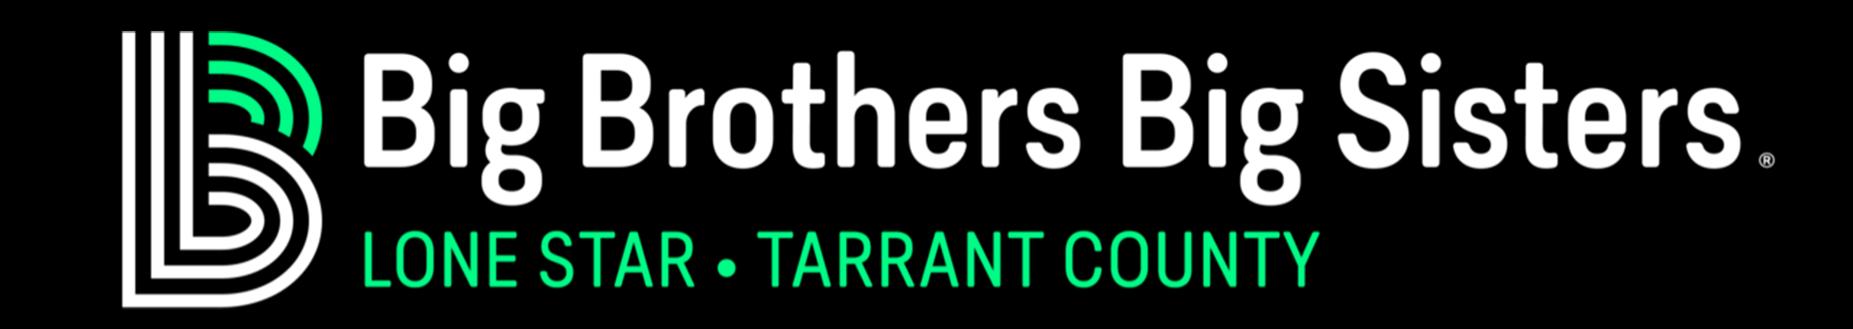 BBBS Tarrant County Logo